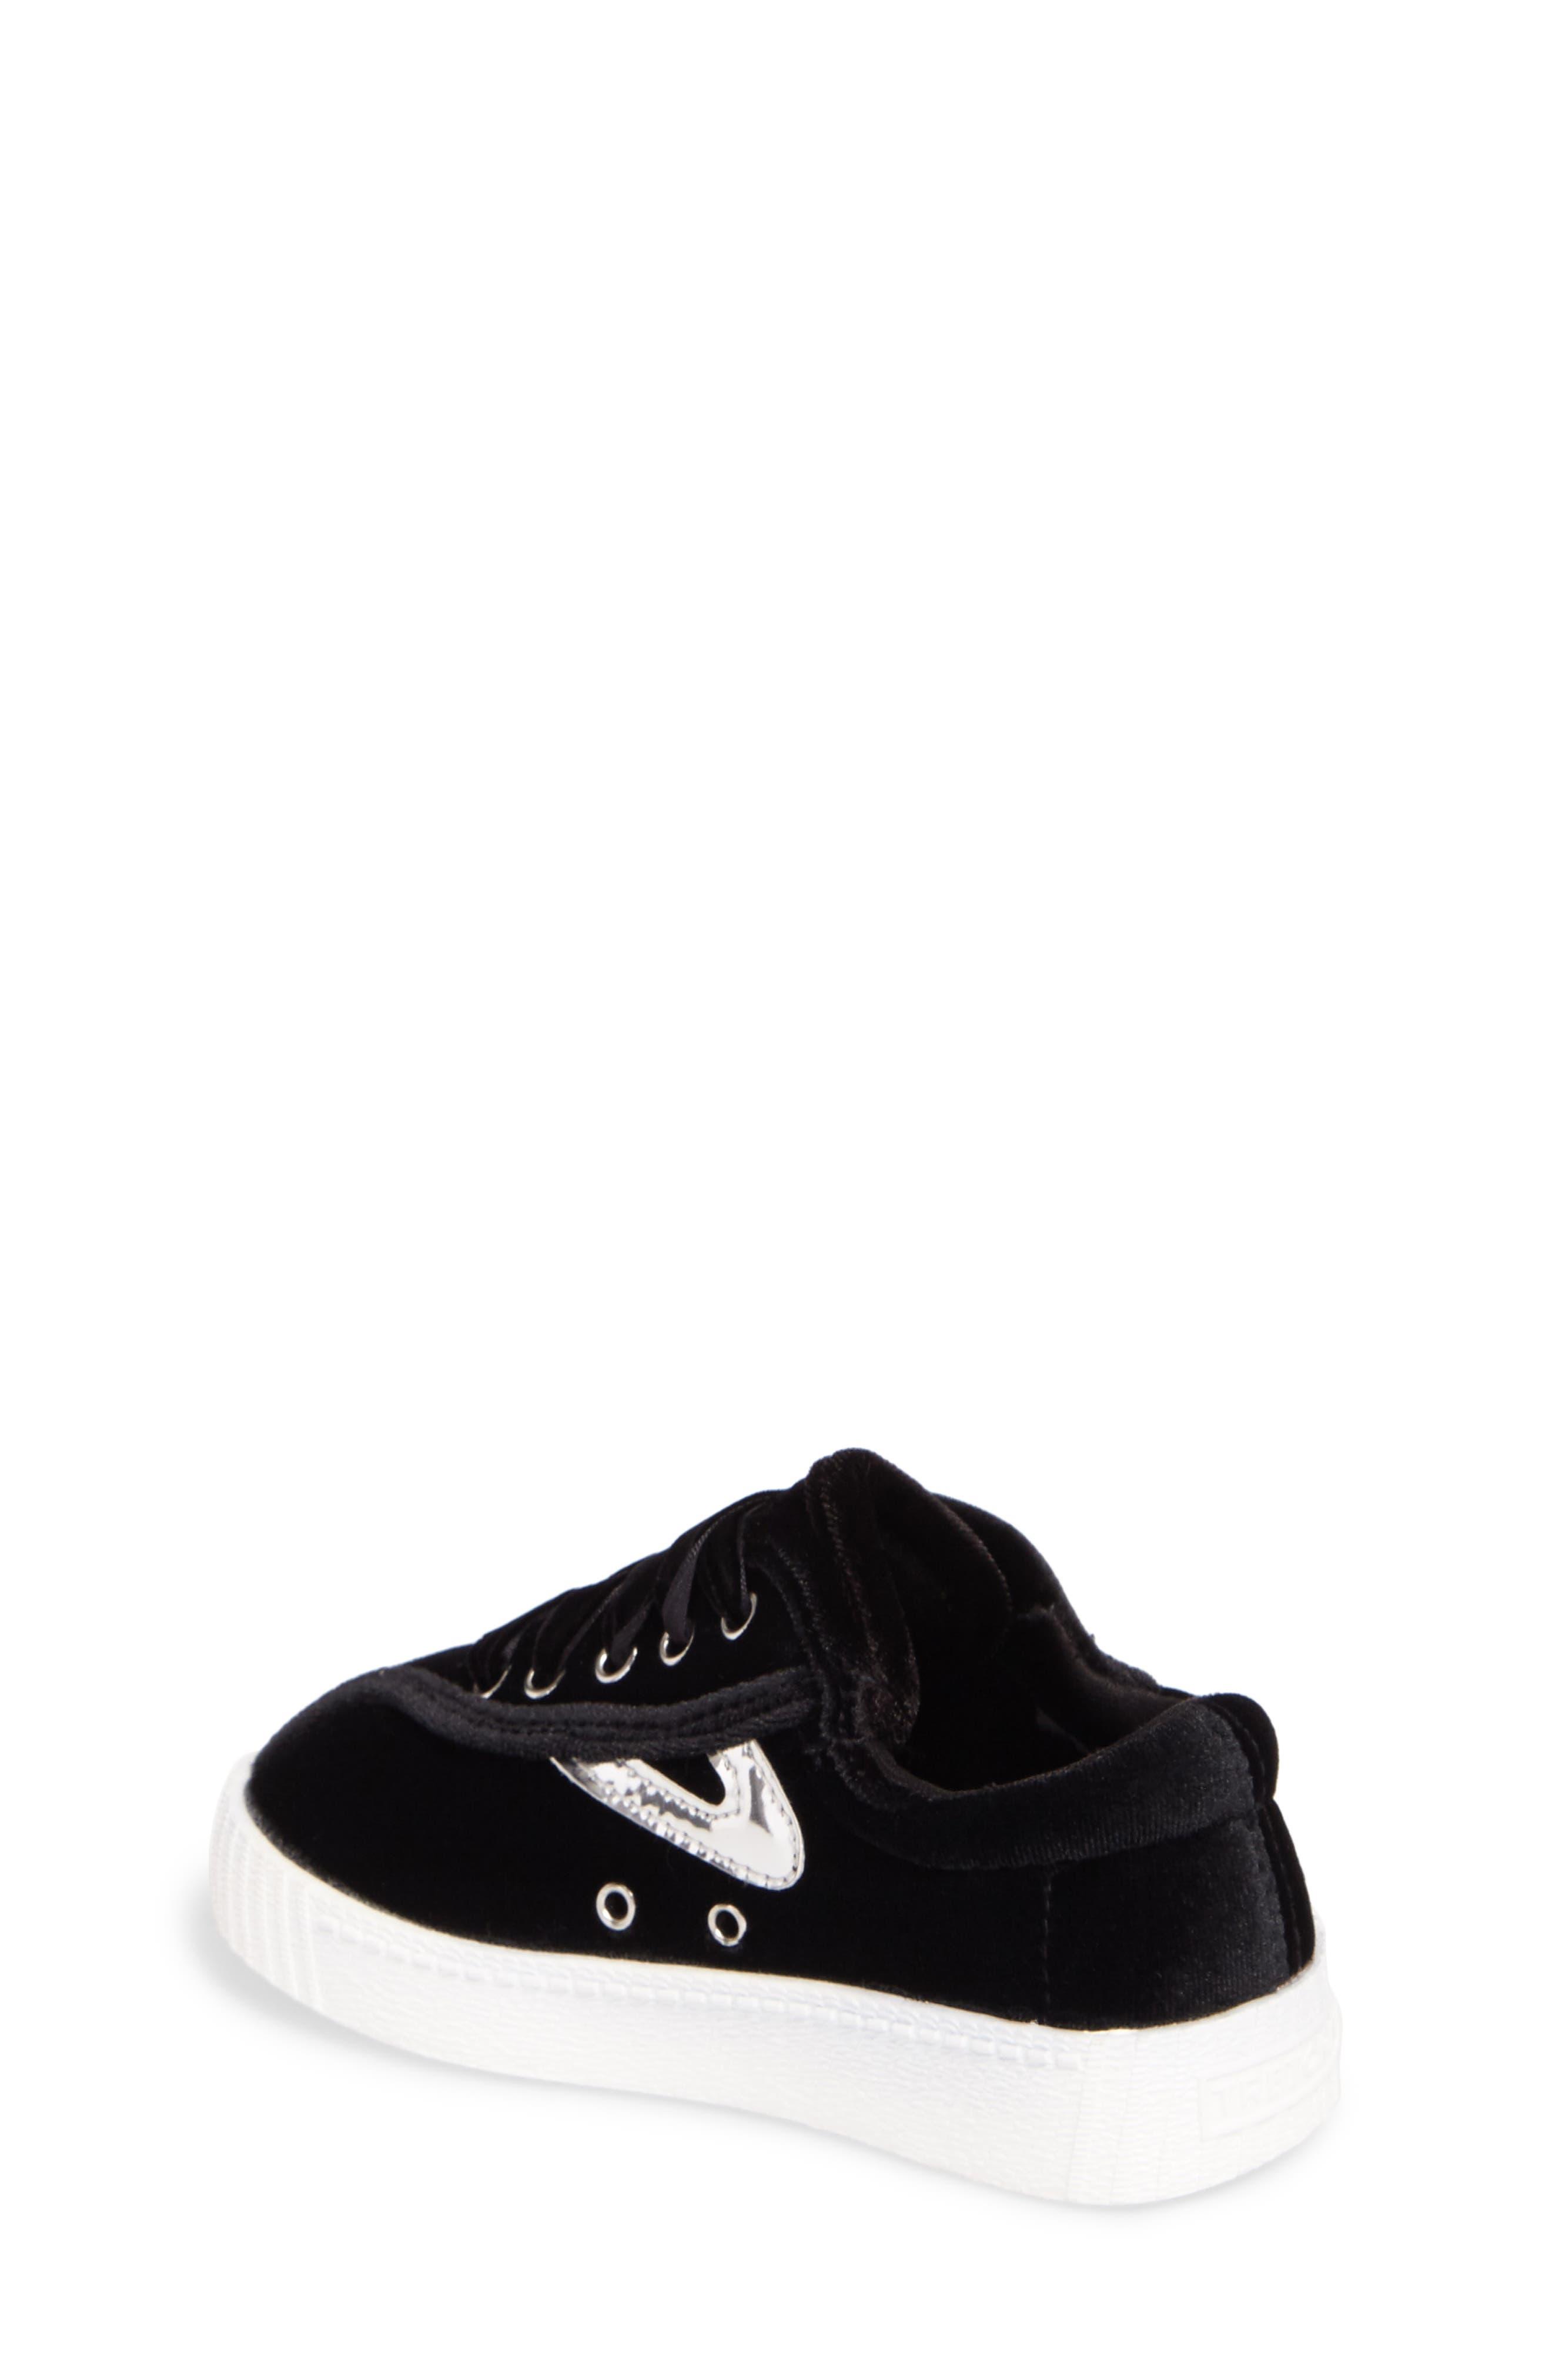 NYLite Velvet Sneaker,                             Alternate thumbnail 2, color,                             006